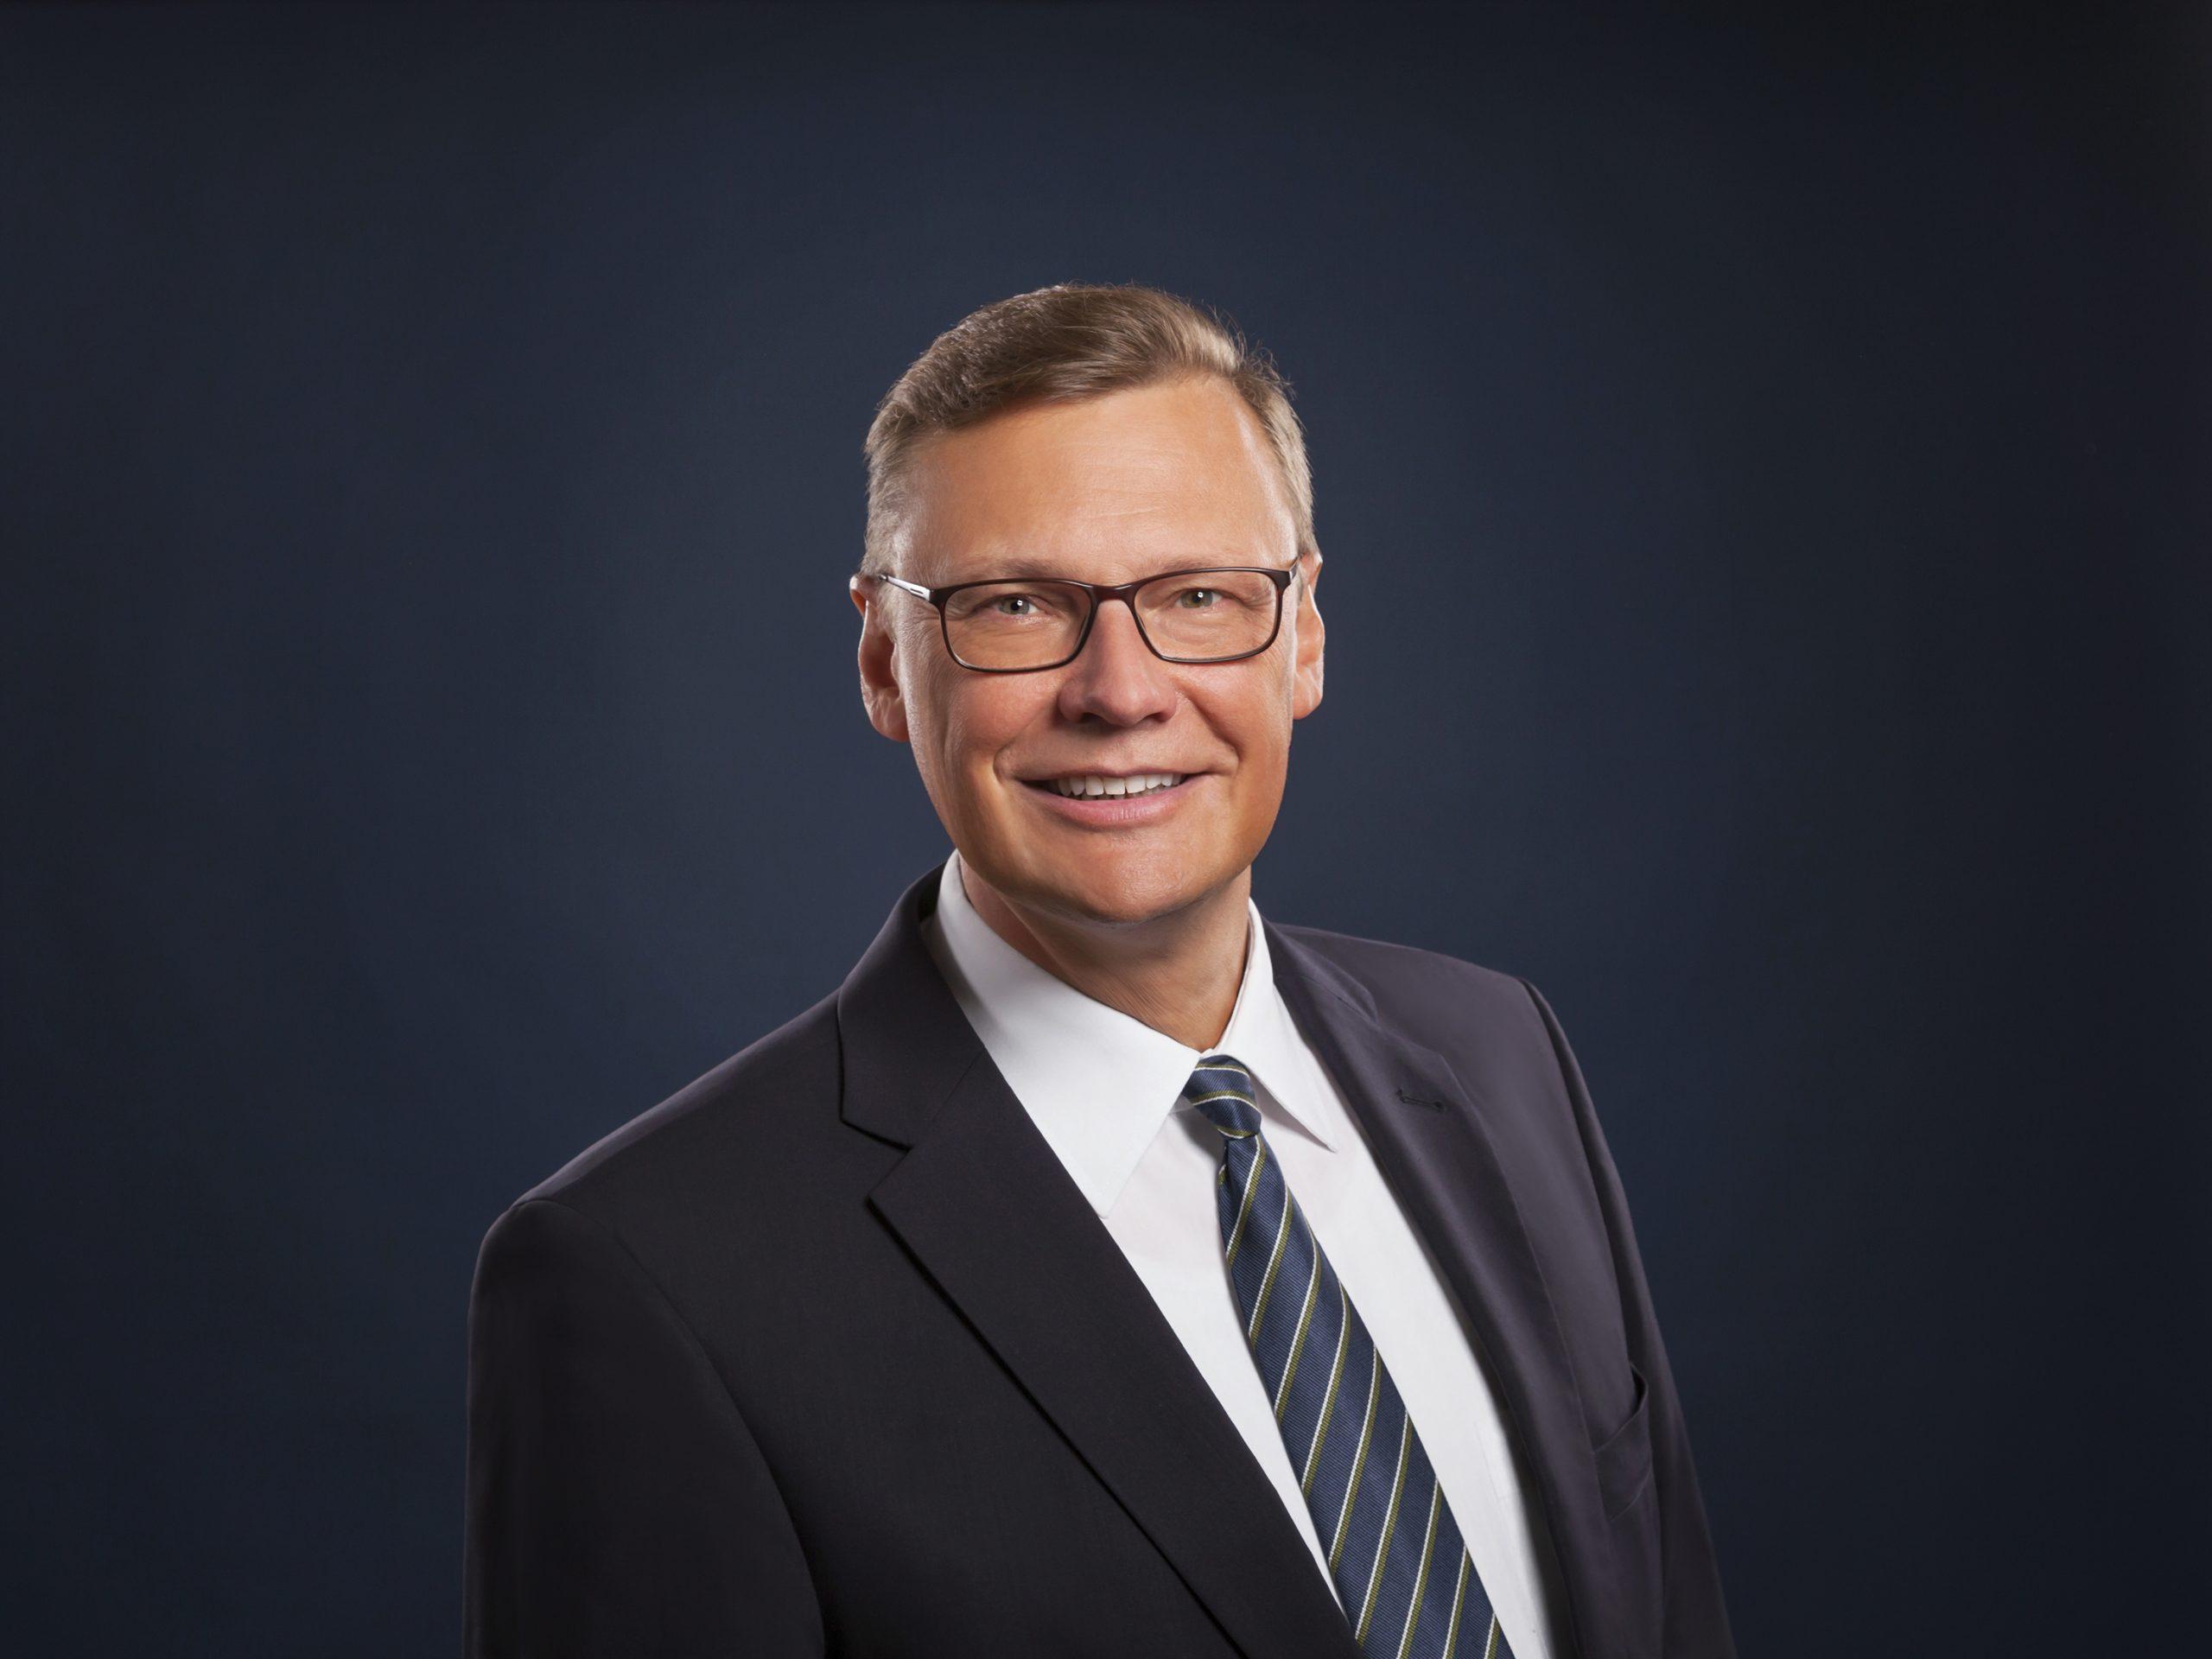 Profilbild von Volker Petersen; schwarzer Hintergrund